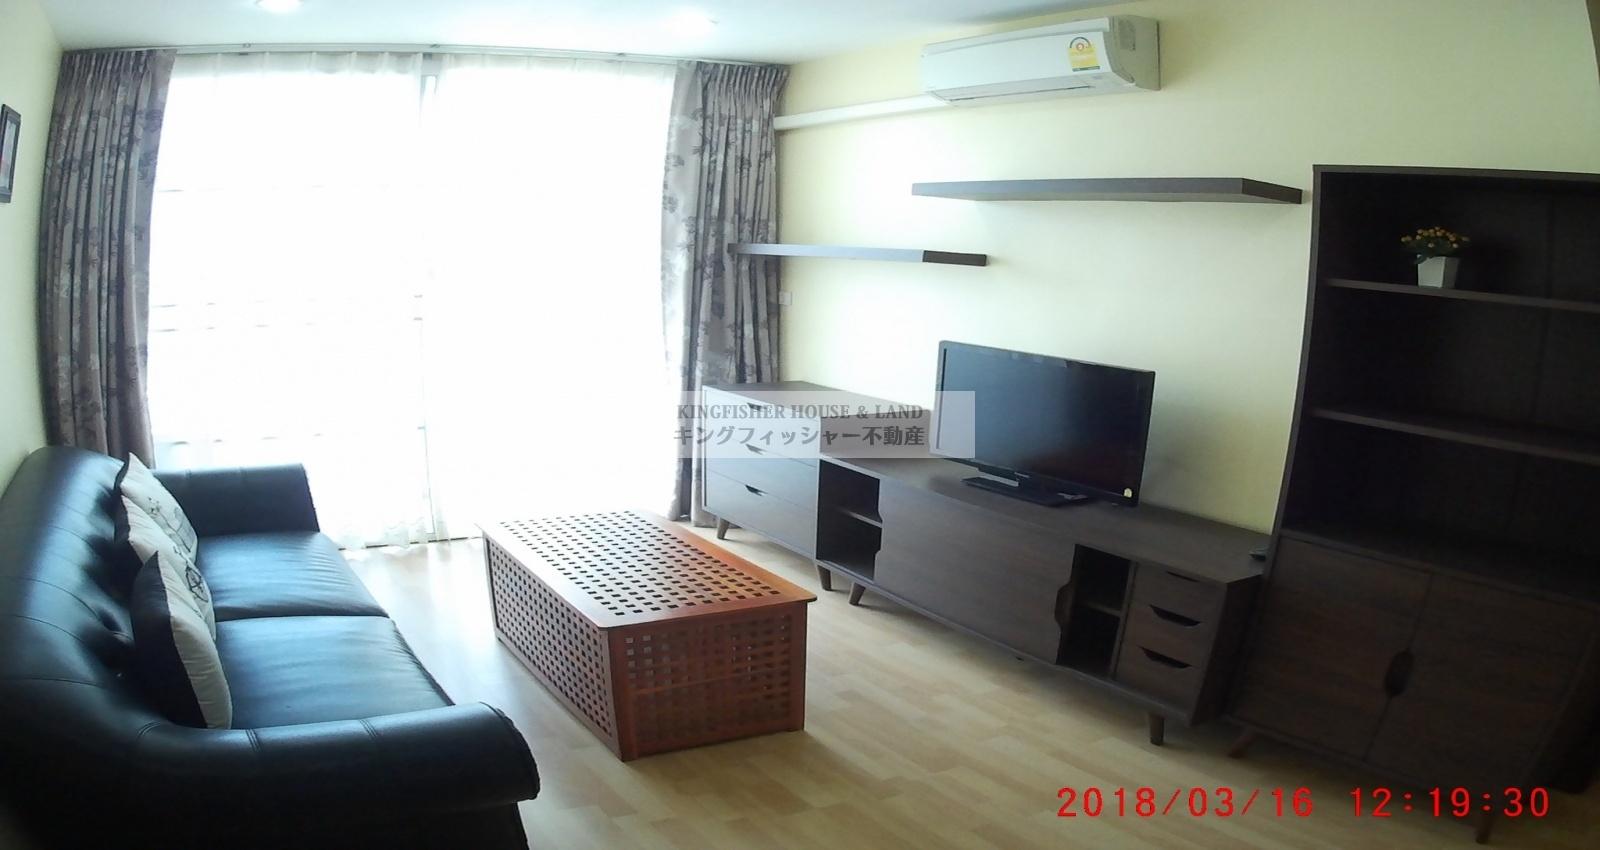 1 Bedrooms, Condominium, For Rent, 1 Bathrooms, Listing ID 1233, Sriracha, Thailand, 20110,